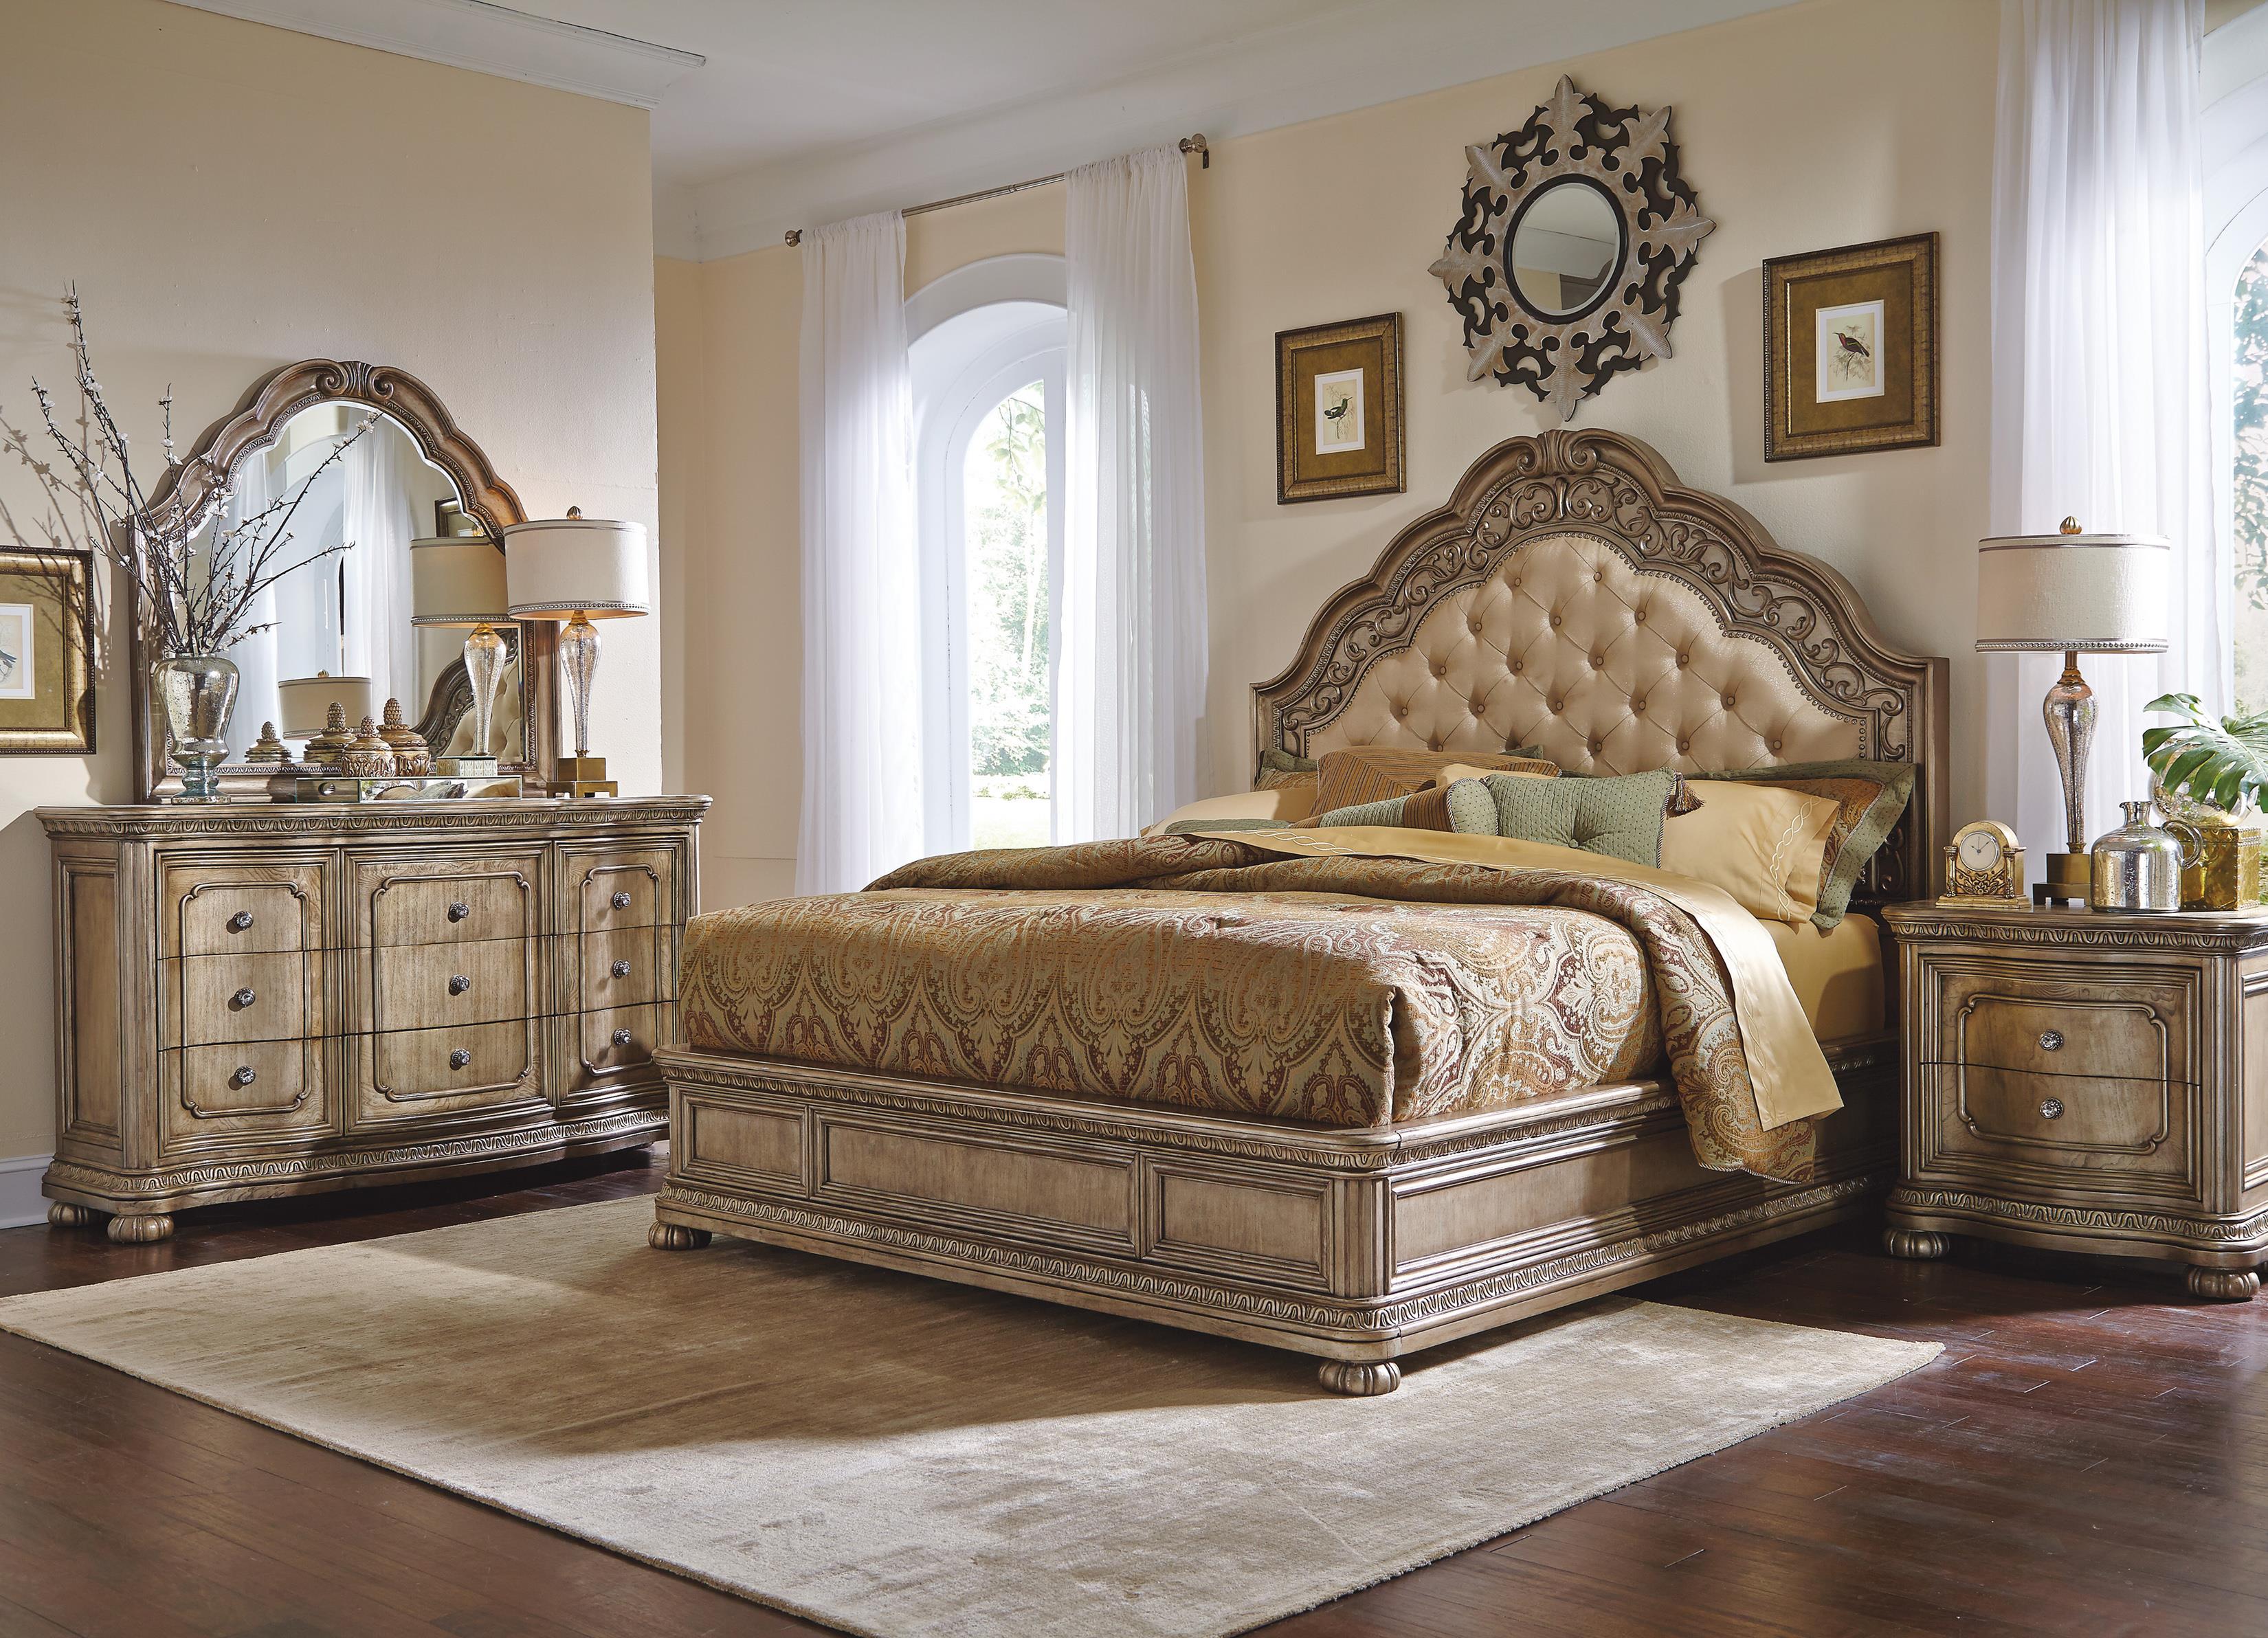 Flexsteel Wynwood Collection San Cristobal King Bedroom Group - Item Number: W1957 K Bedroom Group 1